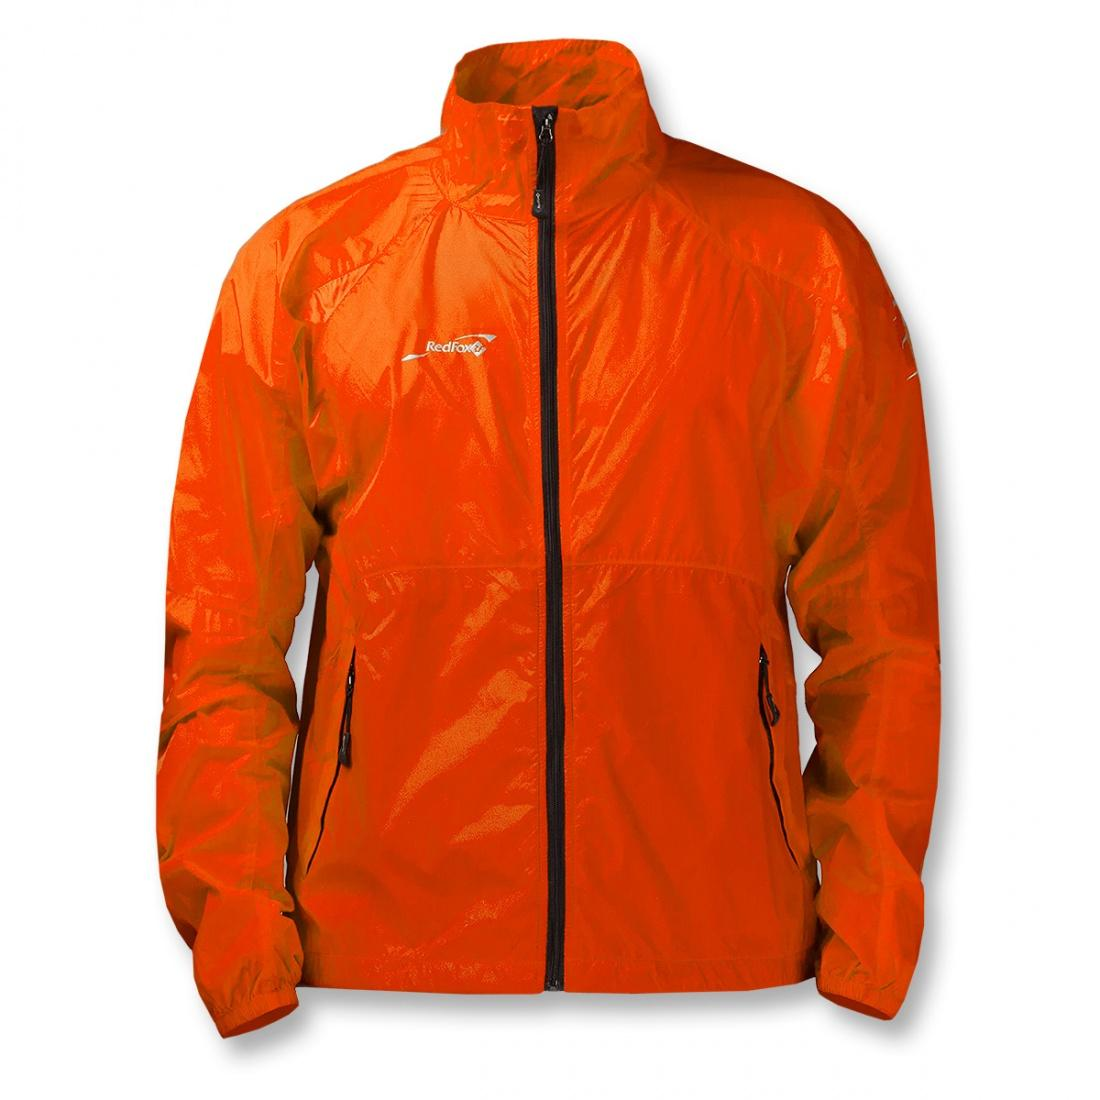 Куртка ветрозащитная Trek Light IIКуртки<br><br> Очень легкая куртка для мультиспортсменов. Отлично сочетает в себе функции защиты от ветра и максимальной свободы движений. Куртку можно компактно упаковать в карман, расположенный на спине.<br><br><br> Особенности:<br><br><br>Два бо...<br><br>Цвет: Оранжевый<br>Размер: 42